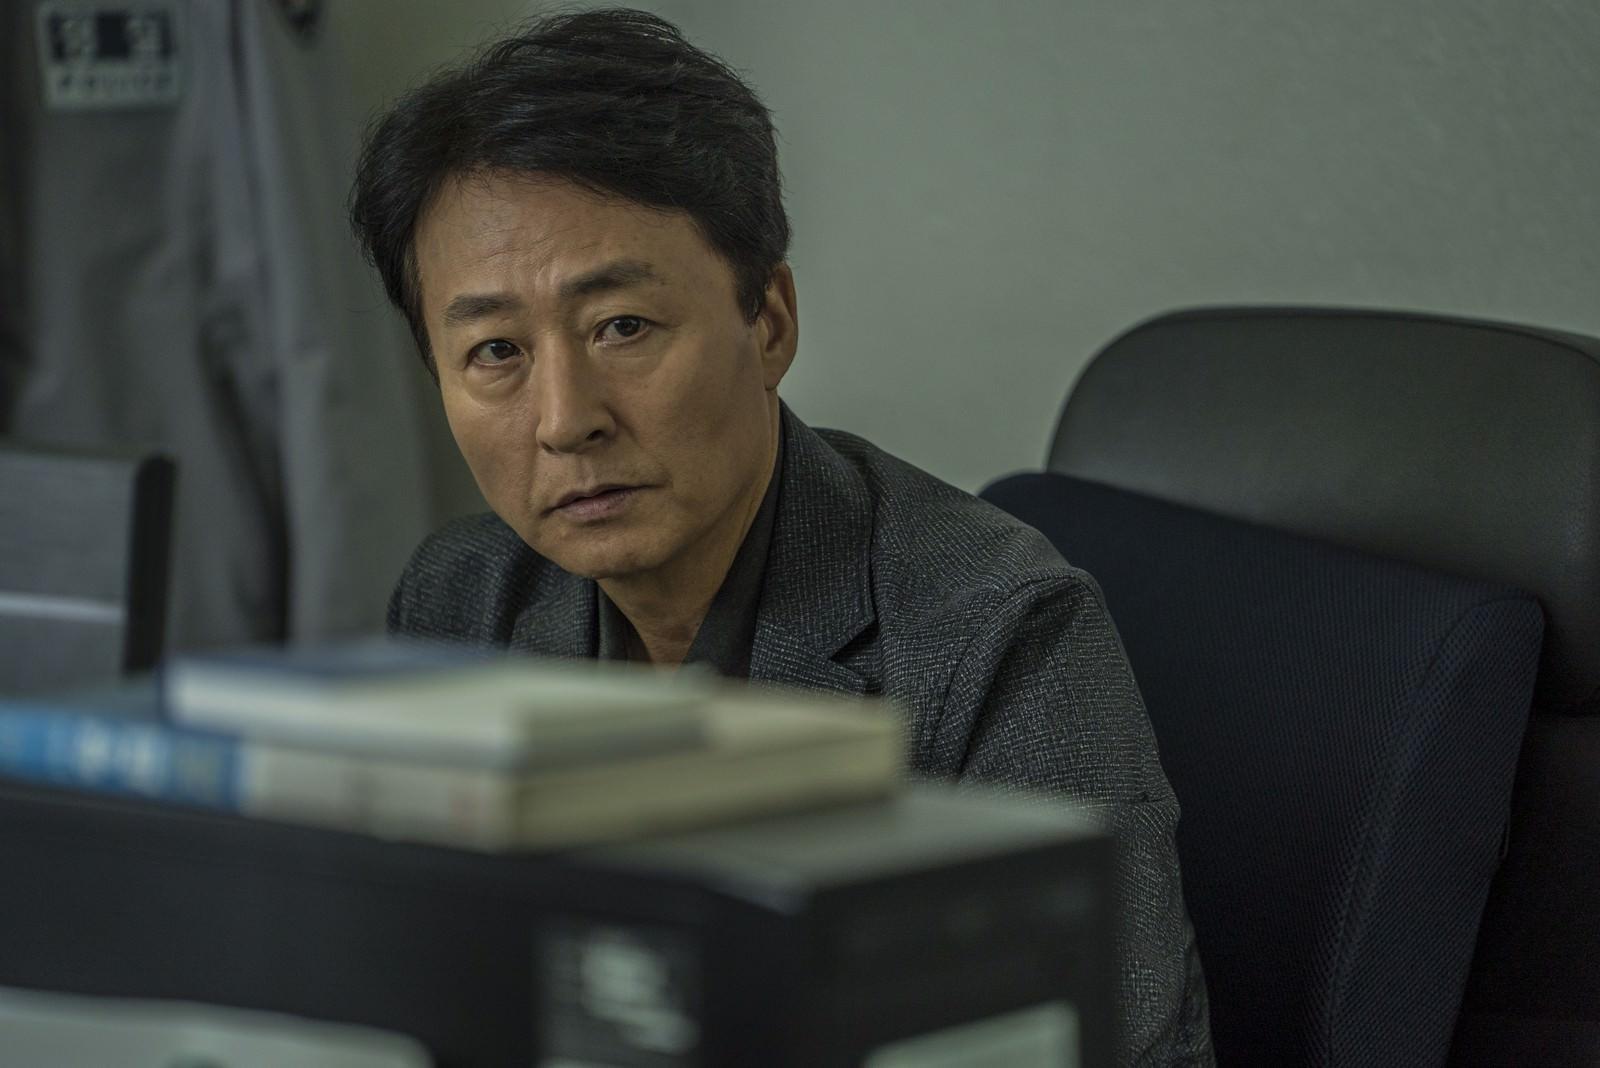 《七罪追緝令》電影角色與演員介紹 - 闕小豪